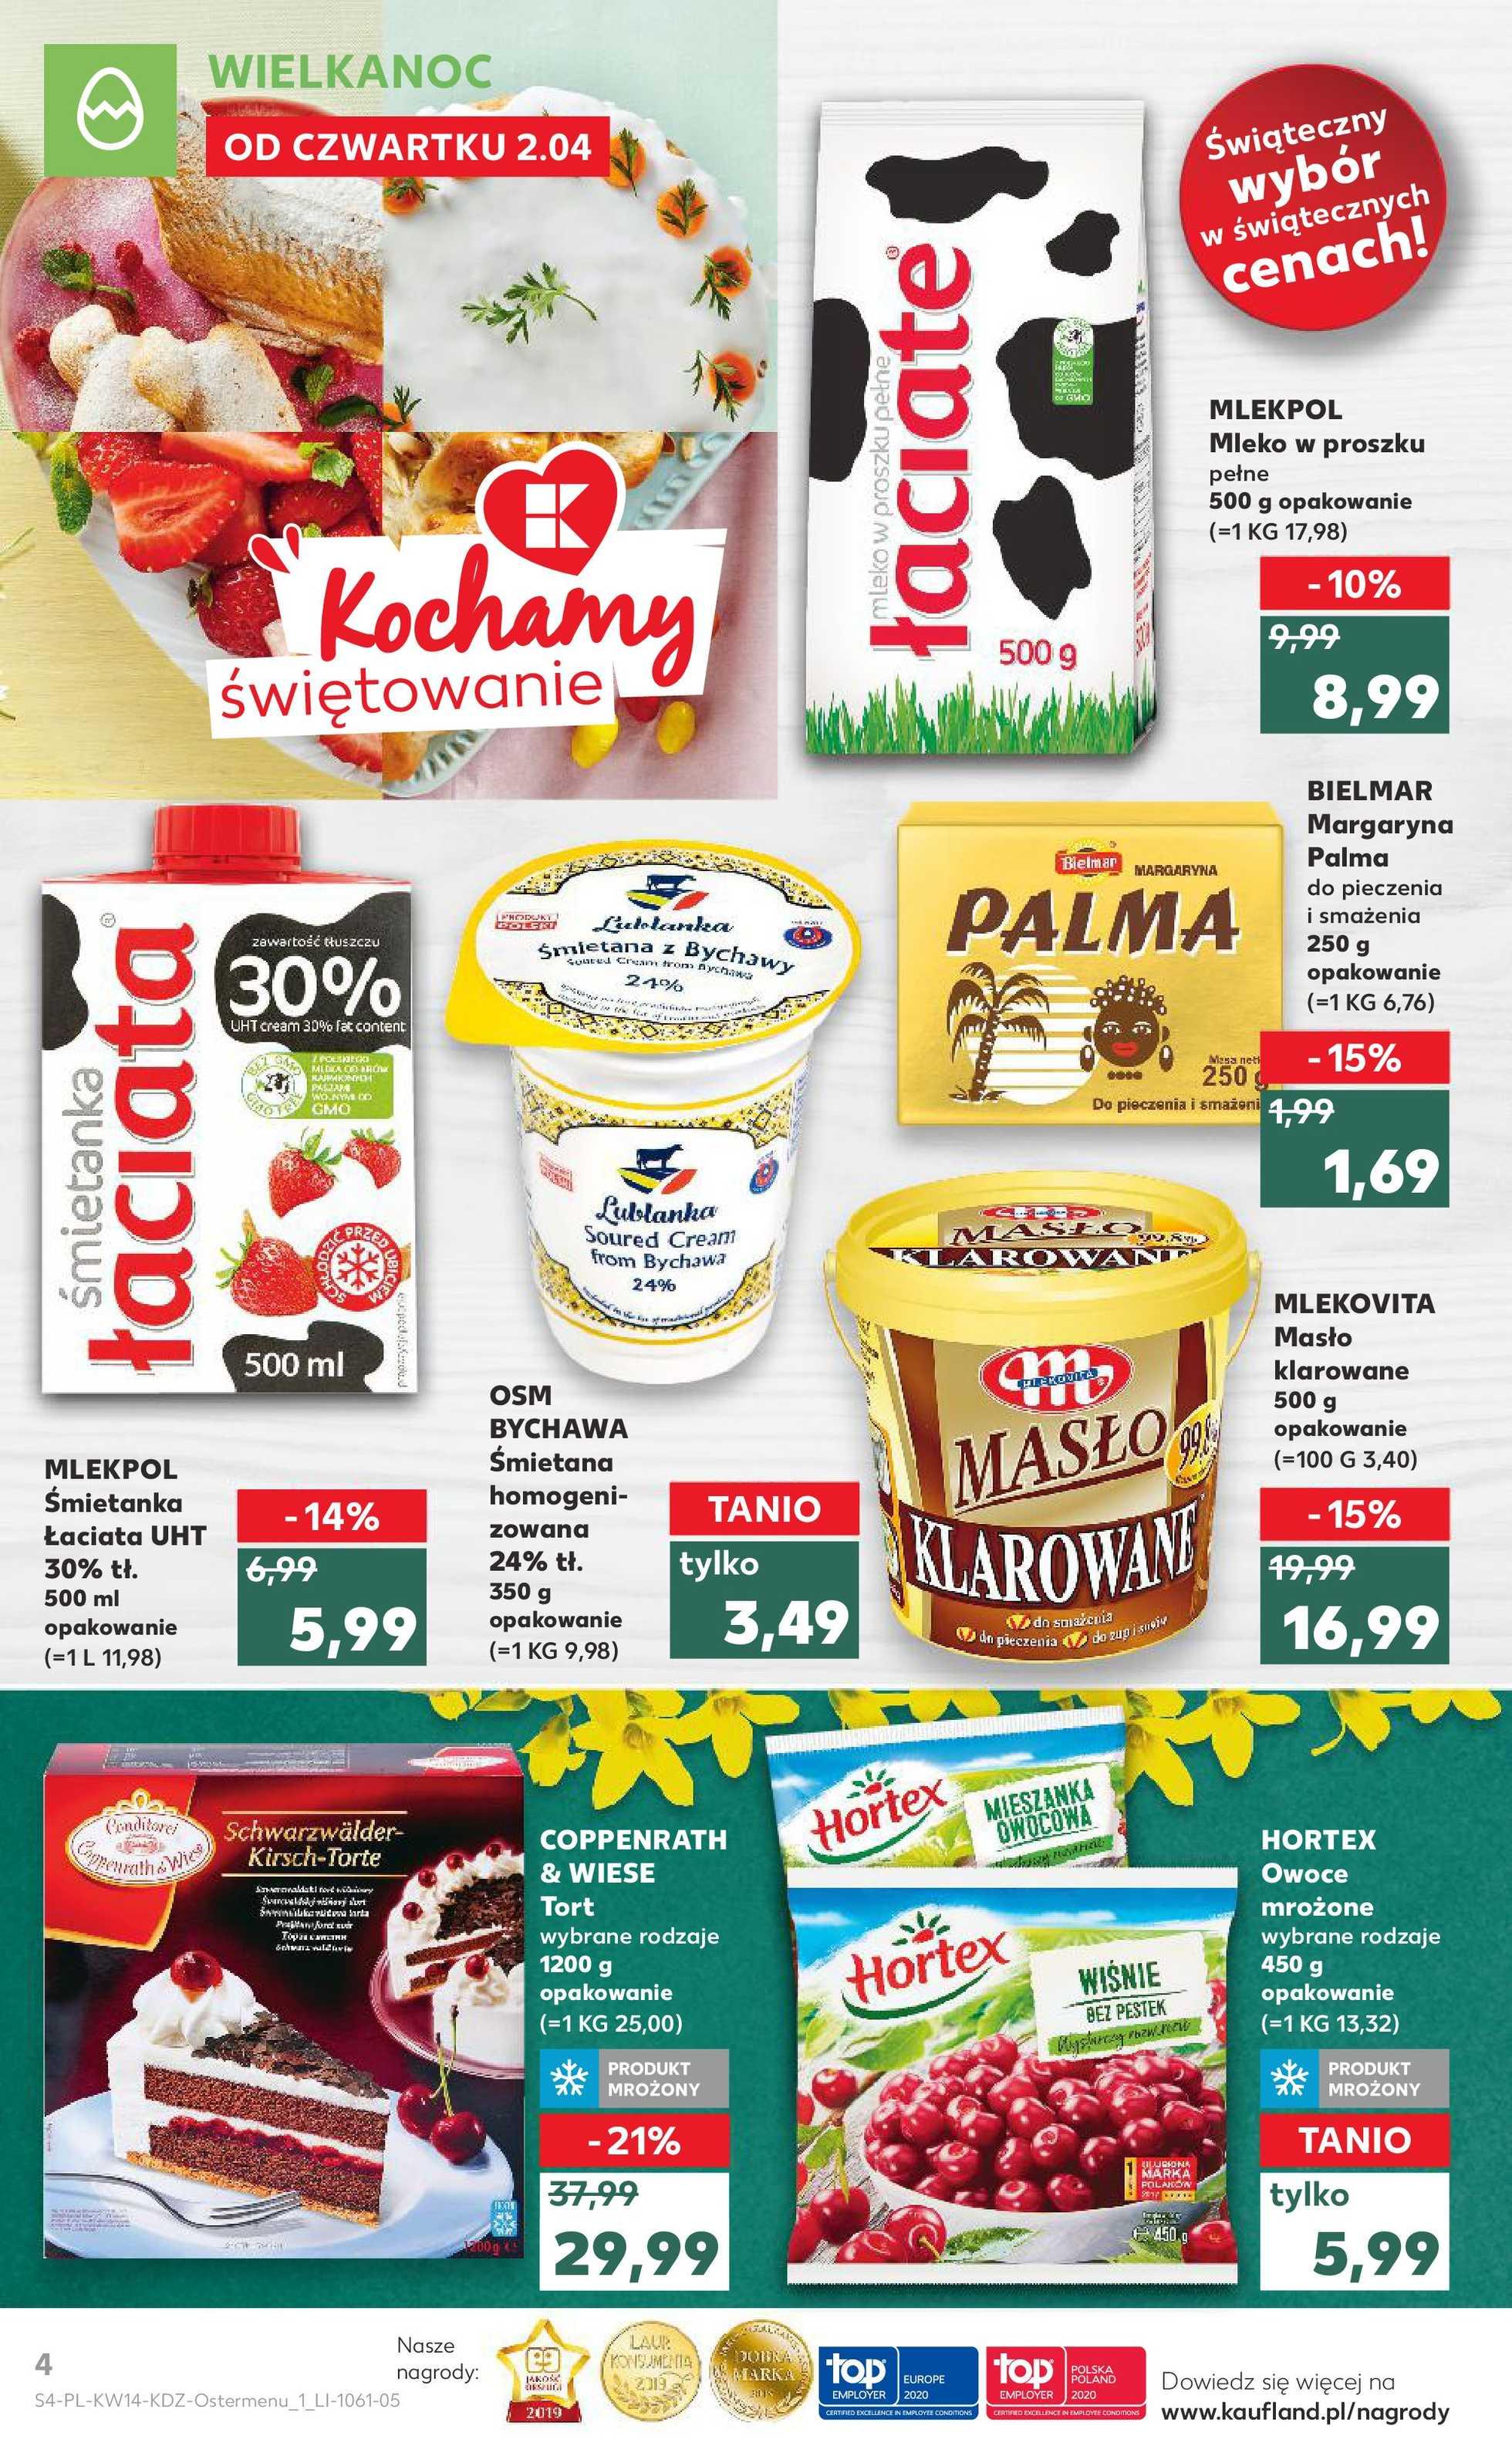 Kaufland - gazetka promocyjna ważna od 02.04.2020 do 07.04.2020 - strona 4.